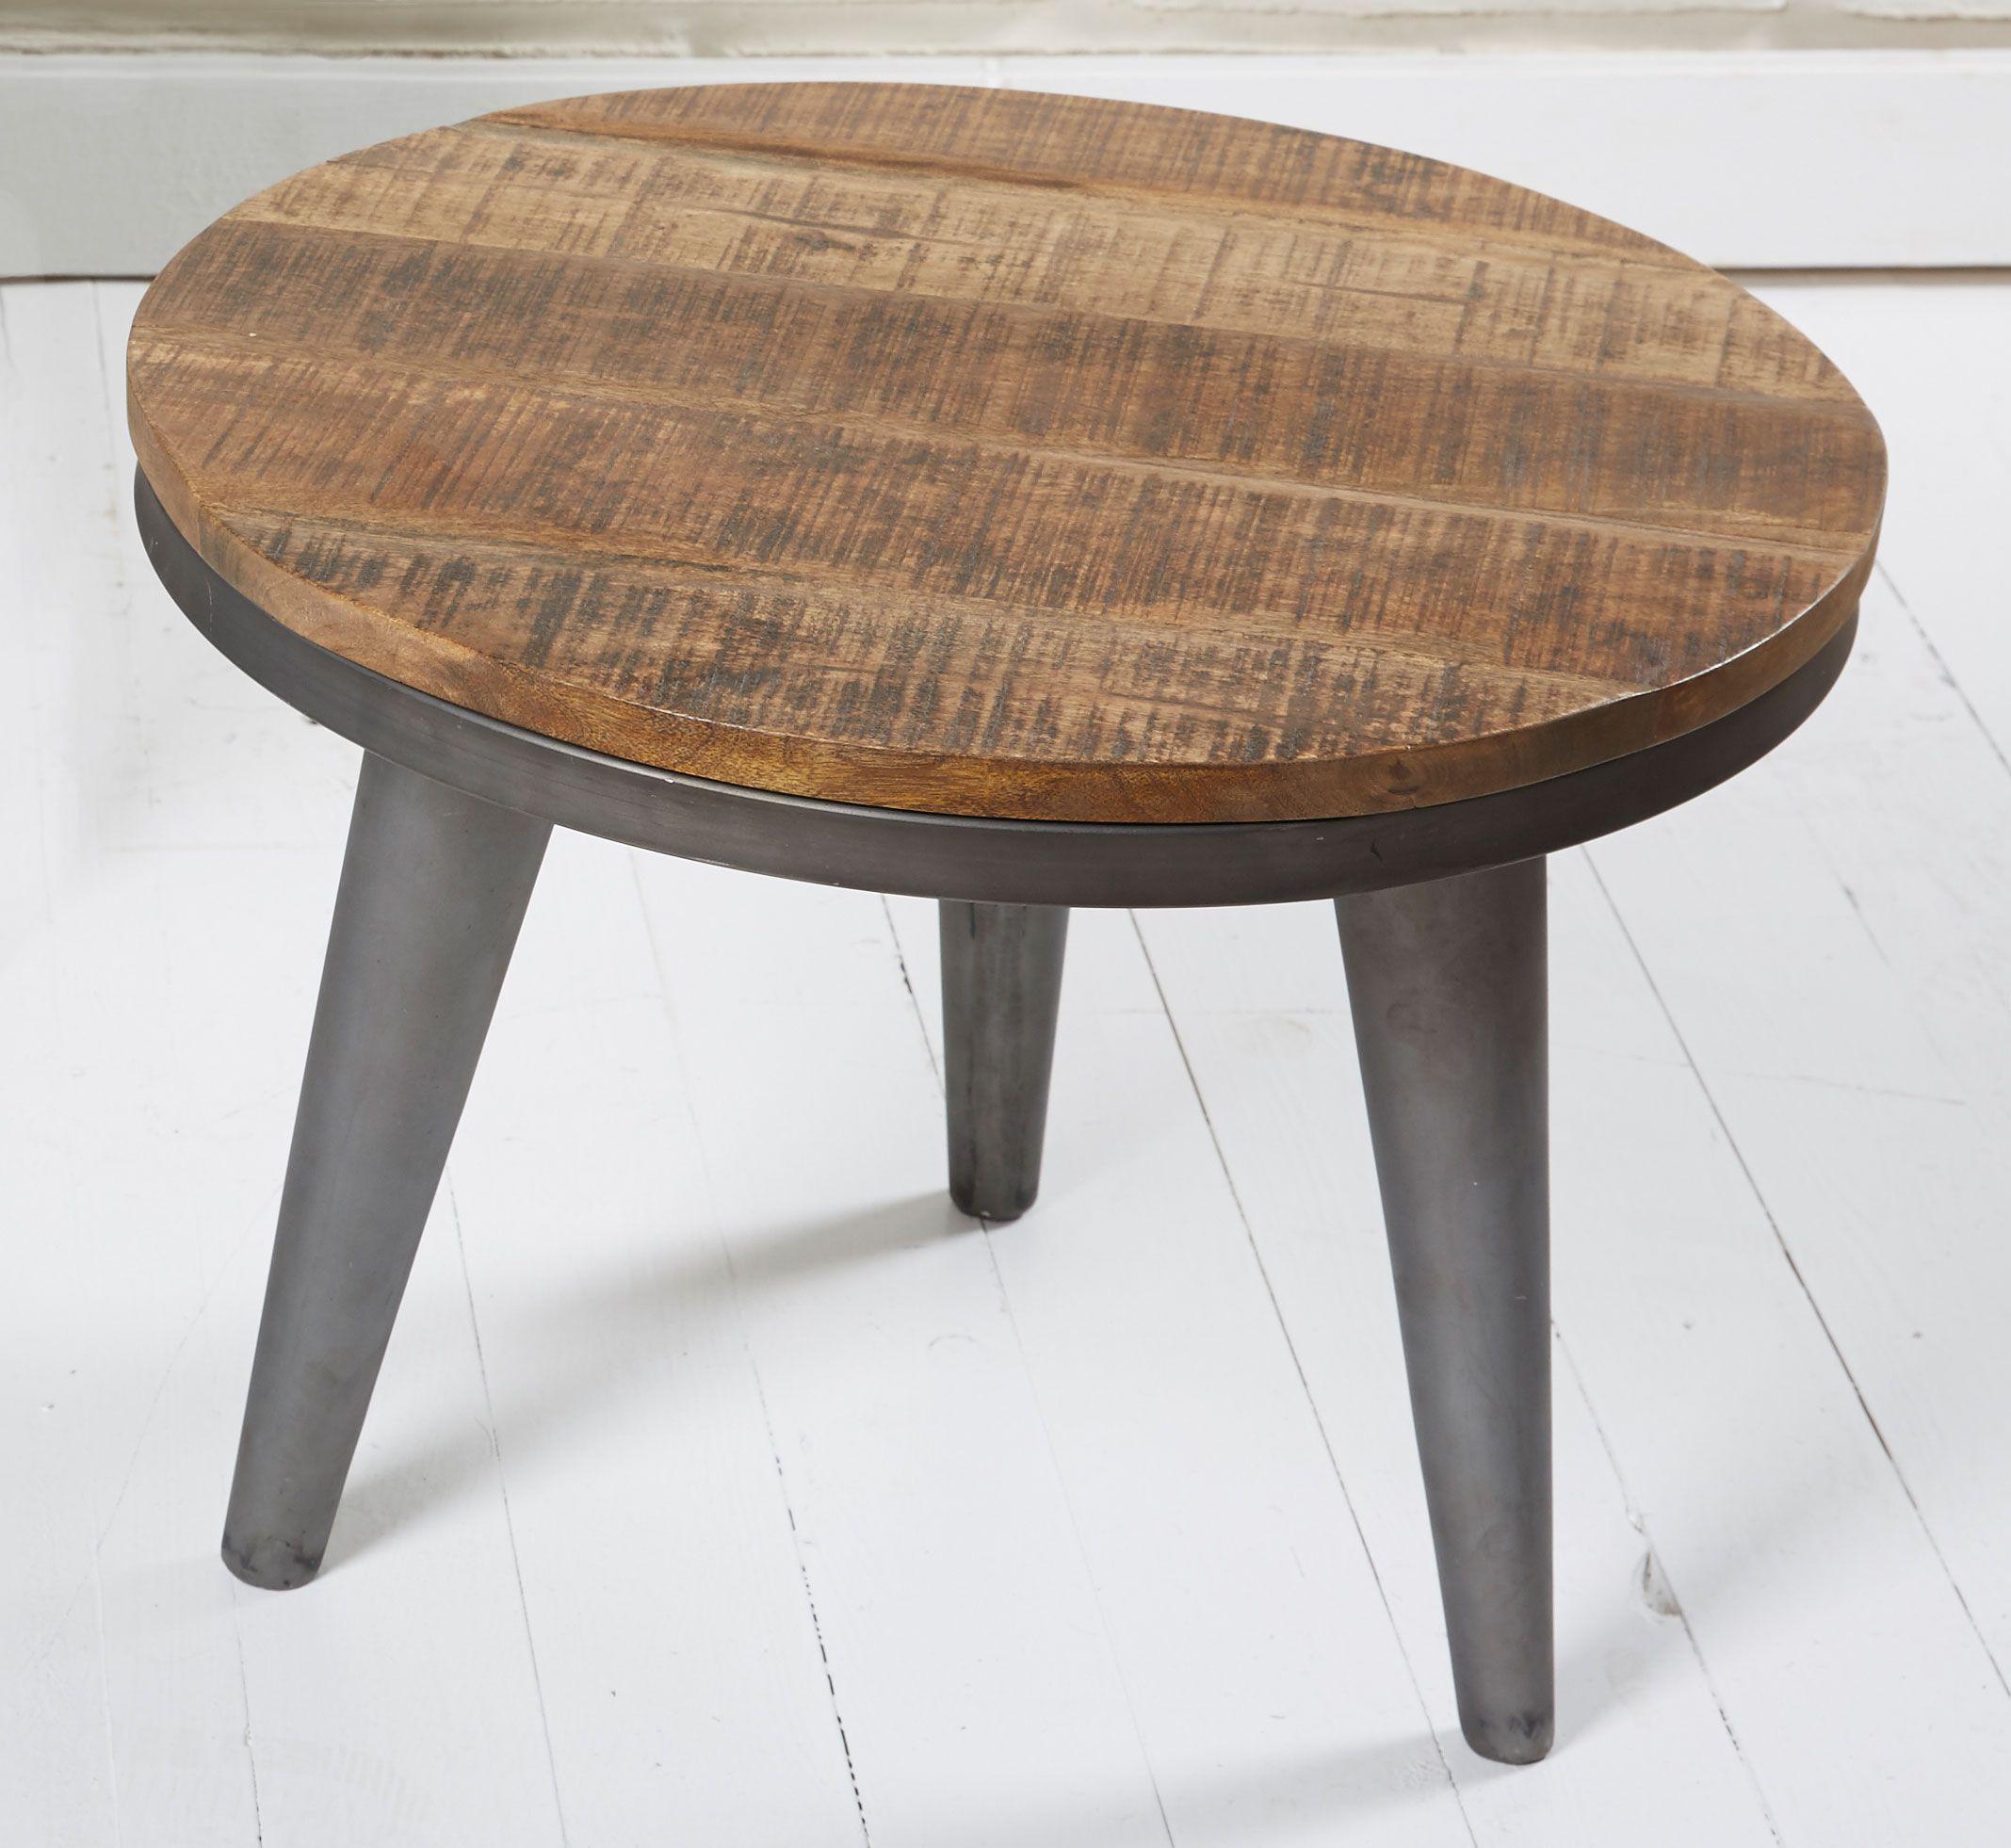 Runder Couchtisch Industrial Design Holz Metall Runder Esstisch Runder Kuchentisch Couchtisch